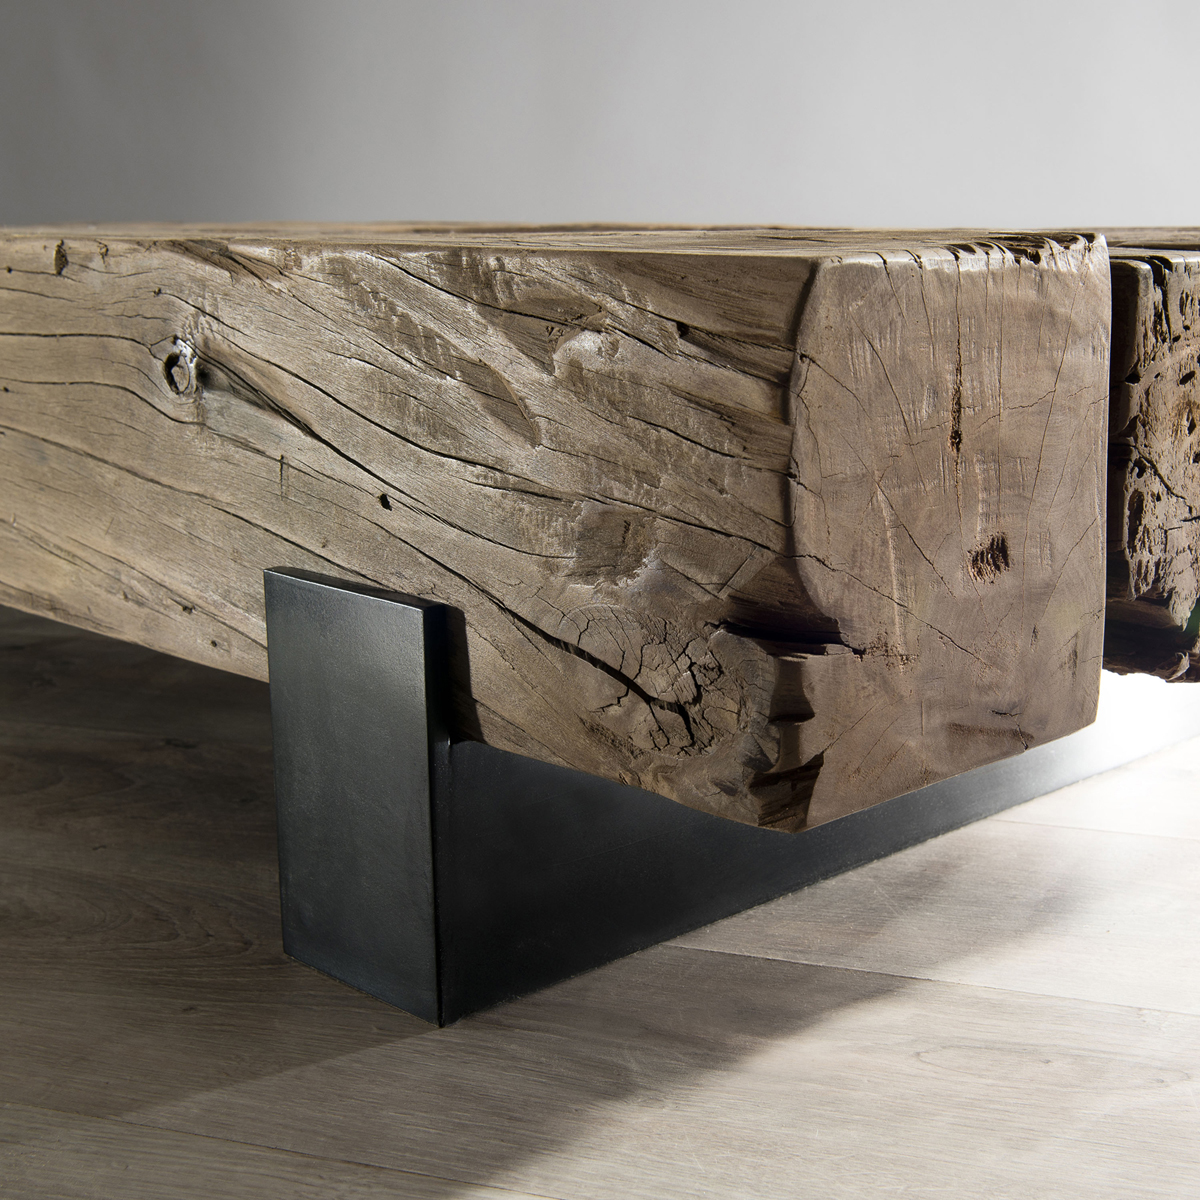 Pieds Metal Pour Table Basse.Table Basse En Teck Recycle Et Pieds Traverse Metal 160x65x26cm Matt